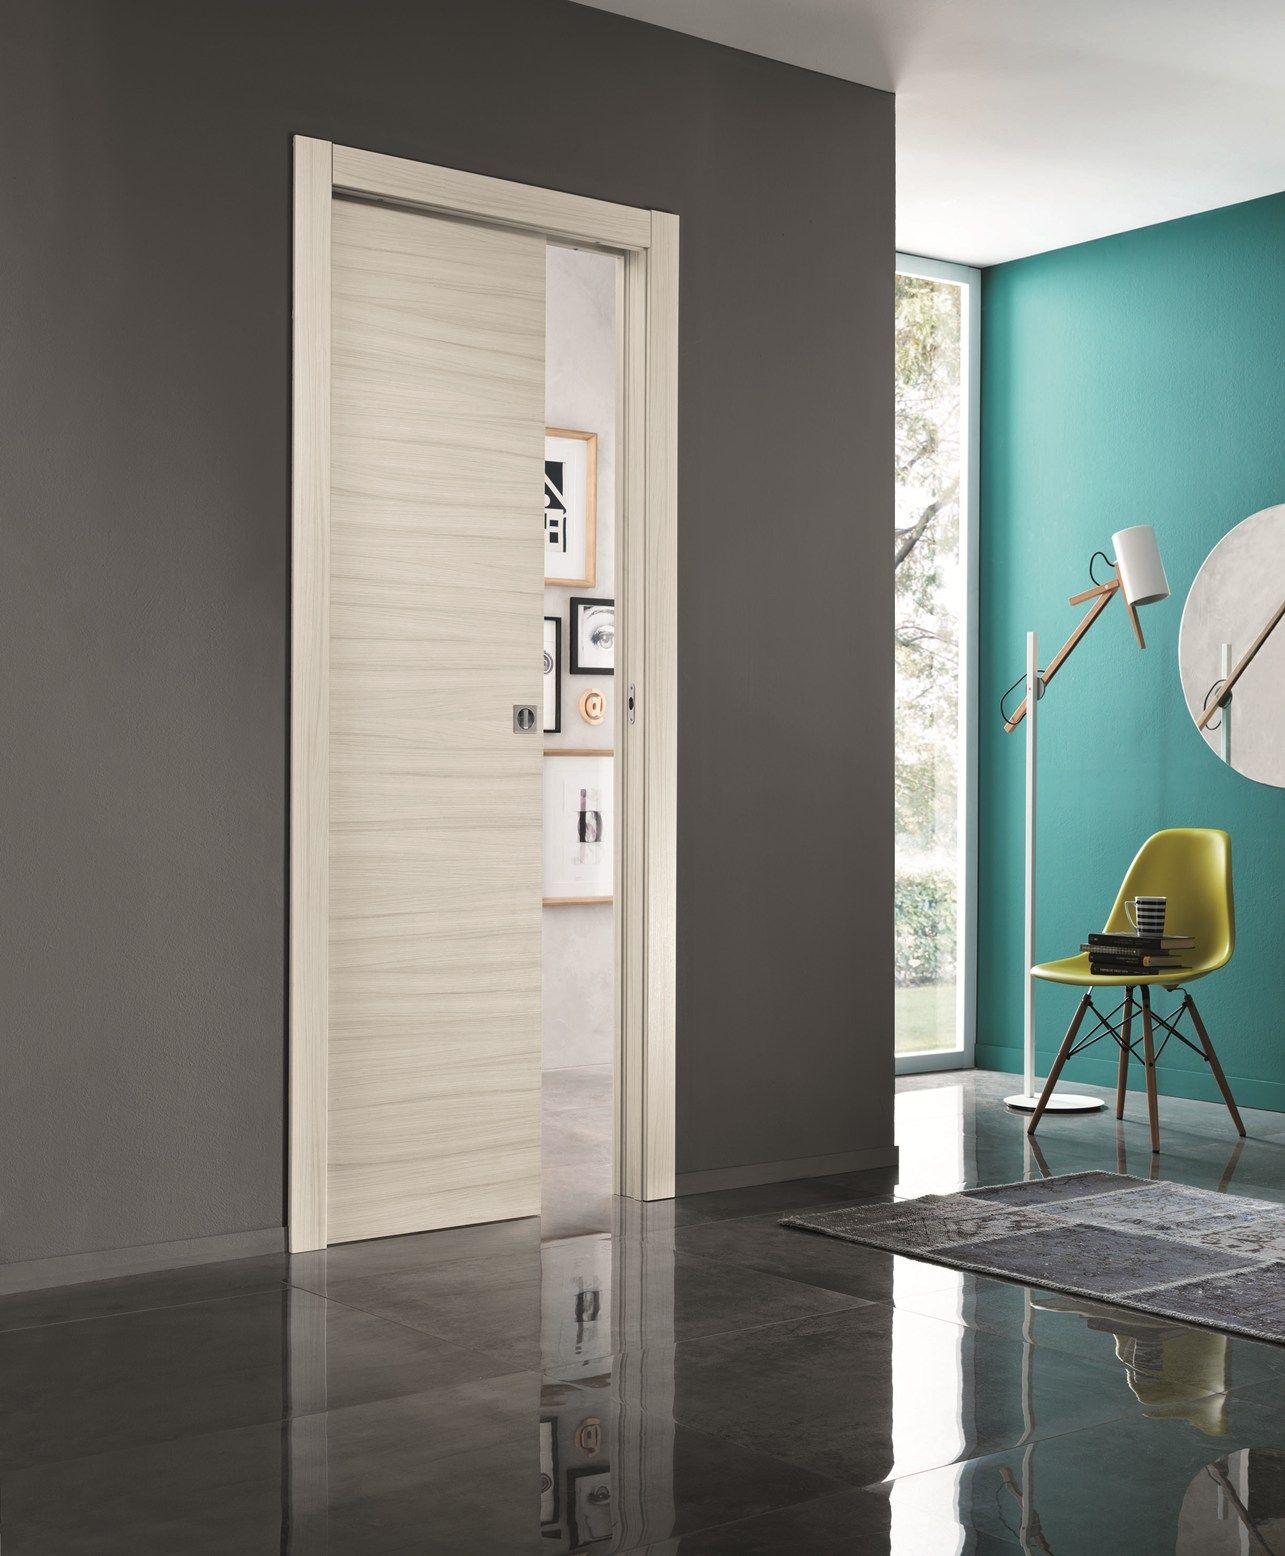 Porte scorrevoli bagno an07 regardsdefemmes - Porta scorrevole bagno ...